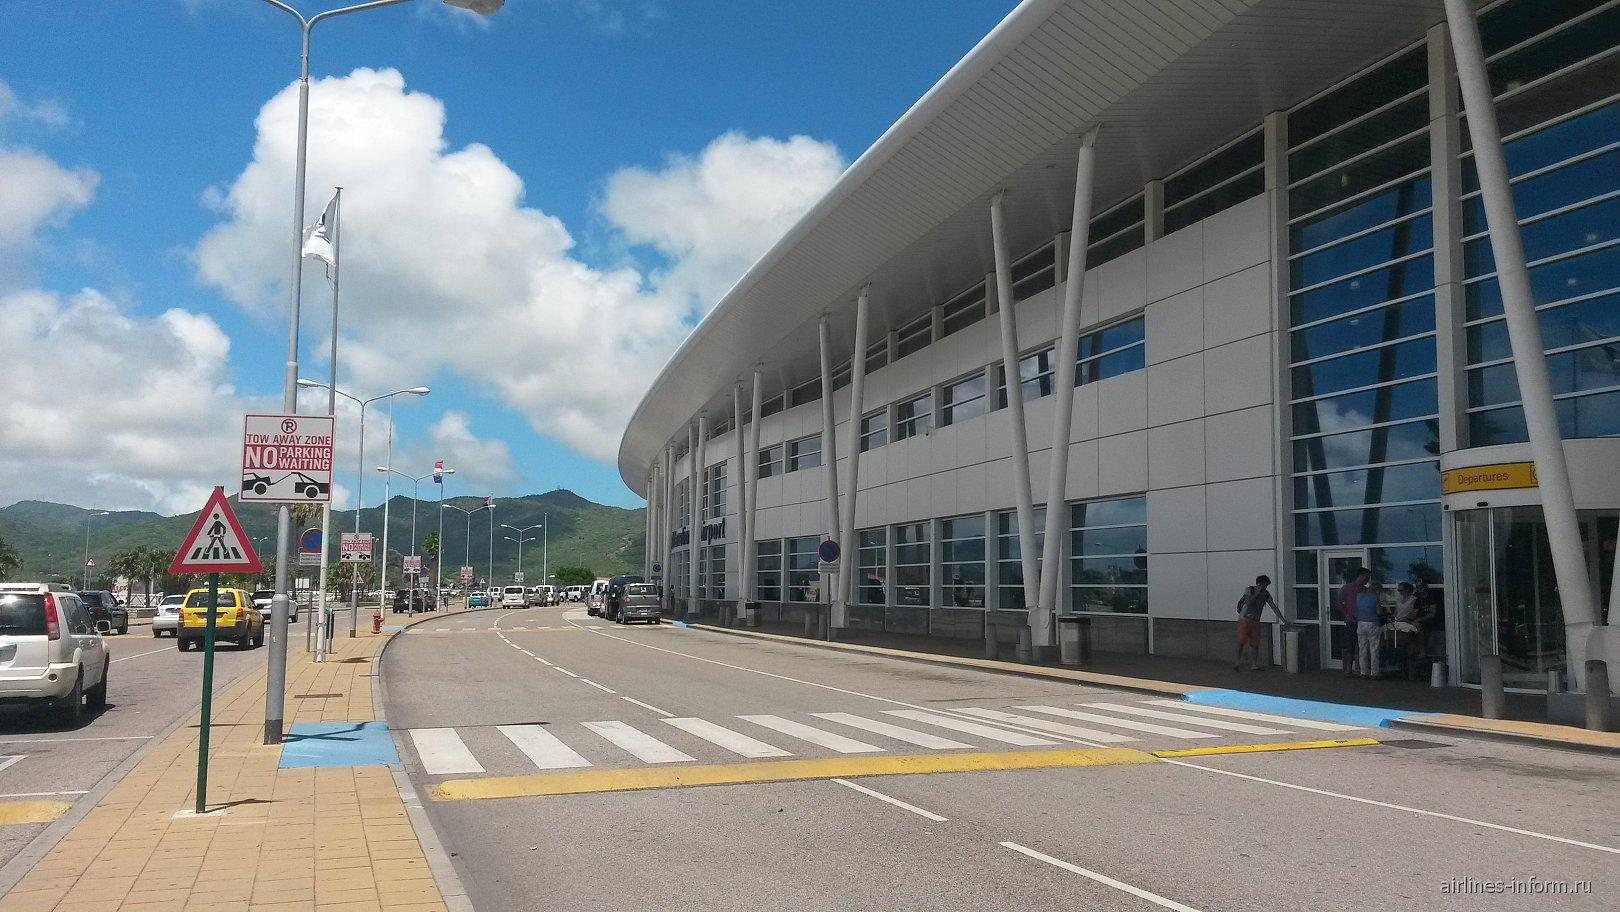 Пассажирский терминал аэропорта имени принцессы Юлианы на острове Сен-Мартен